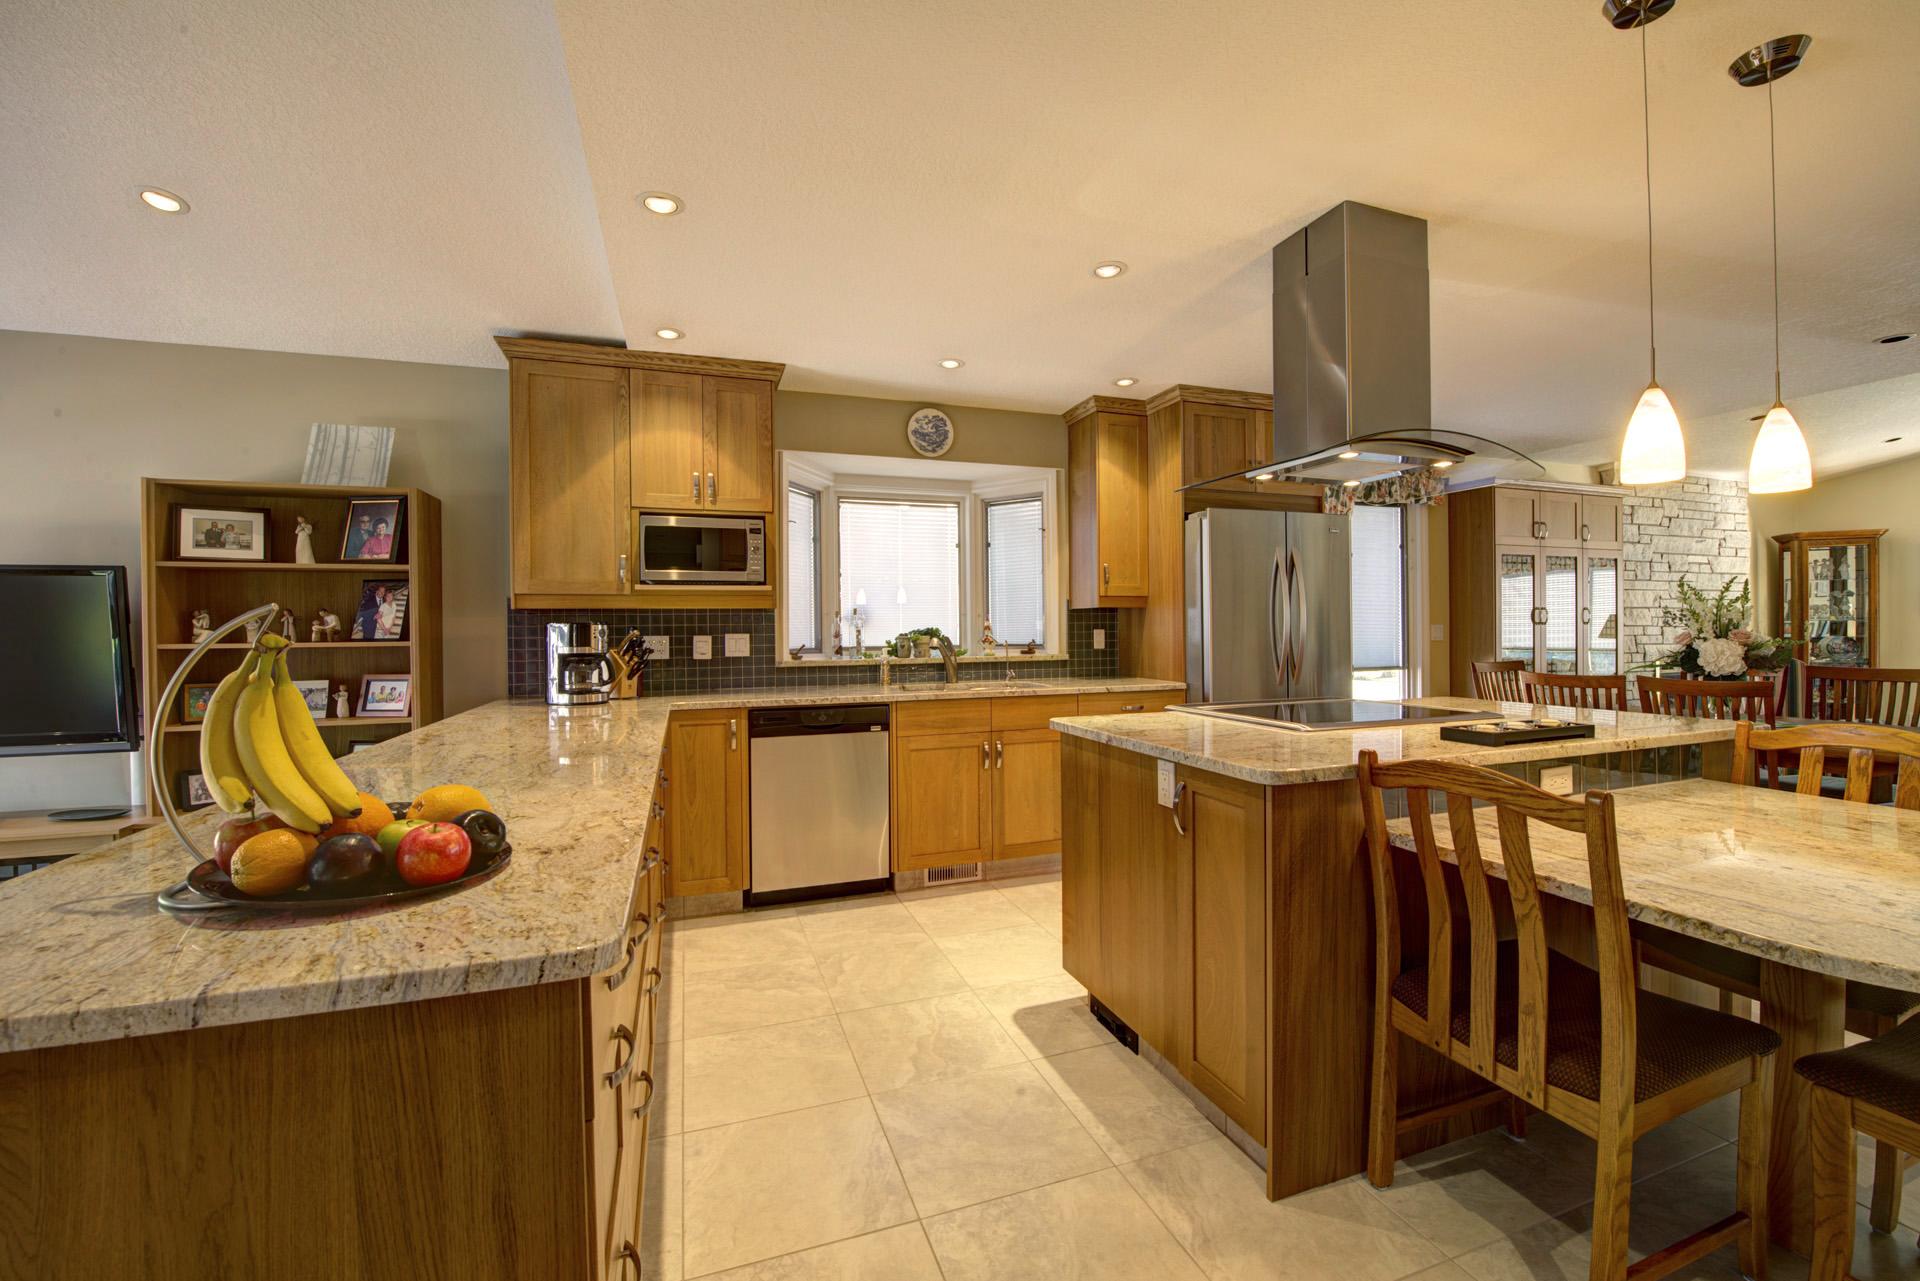 kitchen renovations by Mayfield Renovations